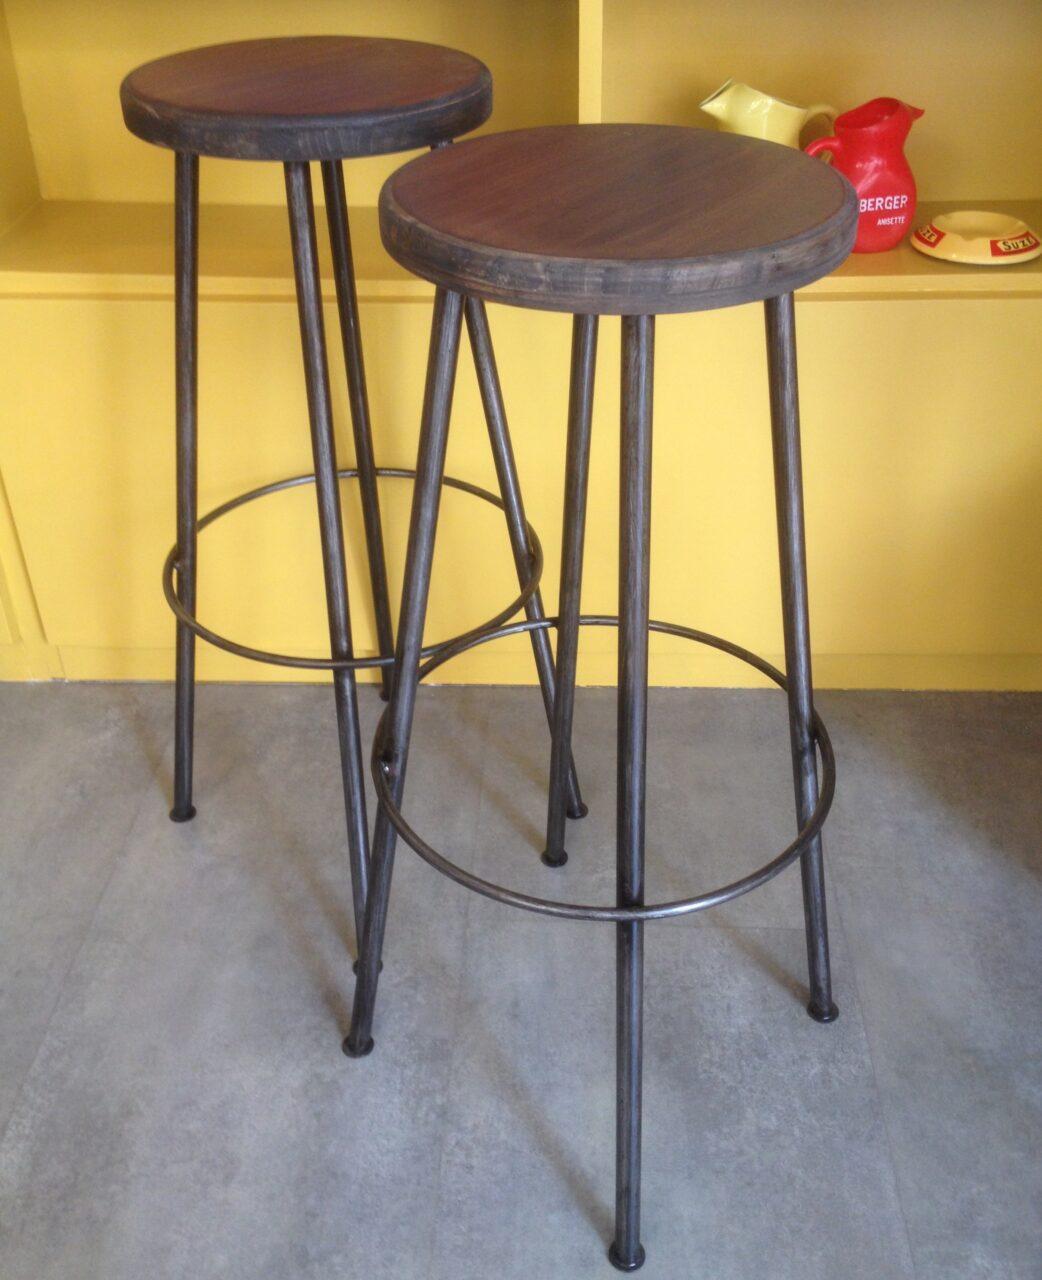 Tabouret industriel haut, mobilier industriel Anna colore industriale 7 rue Paul Bert 75011 Paris